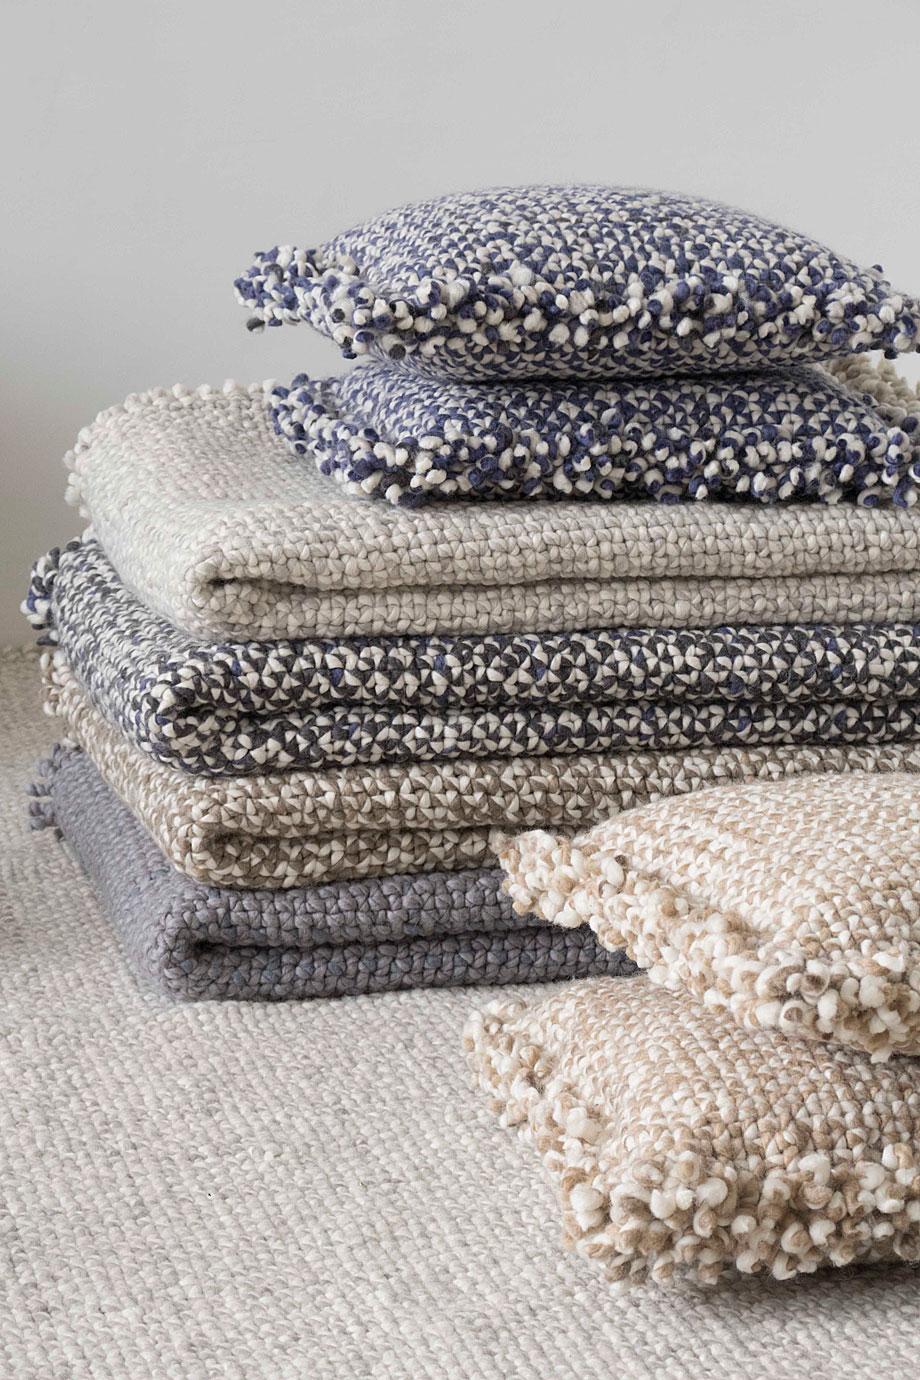 alfombras-cojines-waan-dienke-dekker-gan (8)